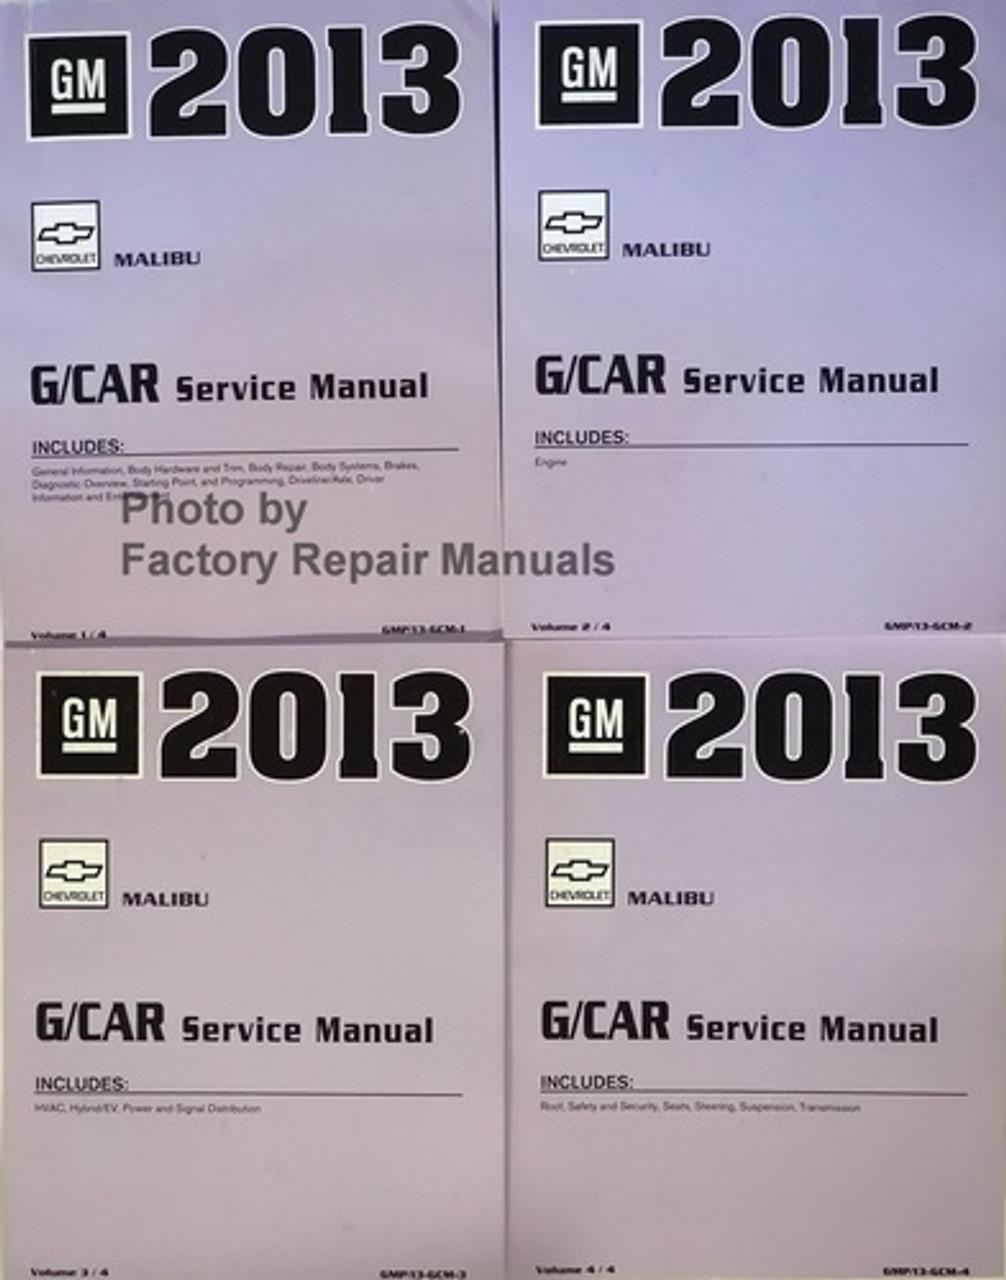 2014 CHEVROLET MALIBU OWNERS MANUAL LTZ LT LS ECO 2.5L 2.4L 2.0L SEDAN NEW OEM